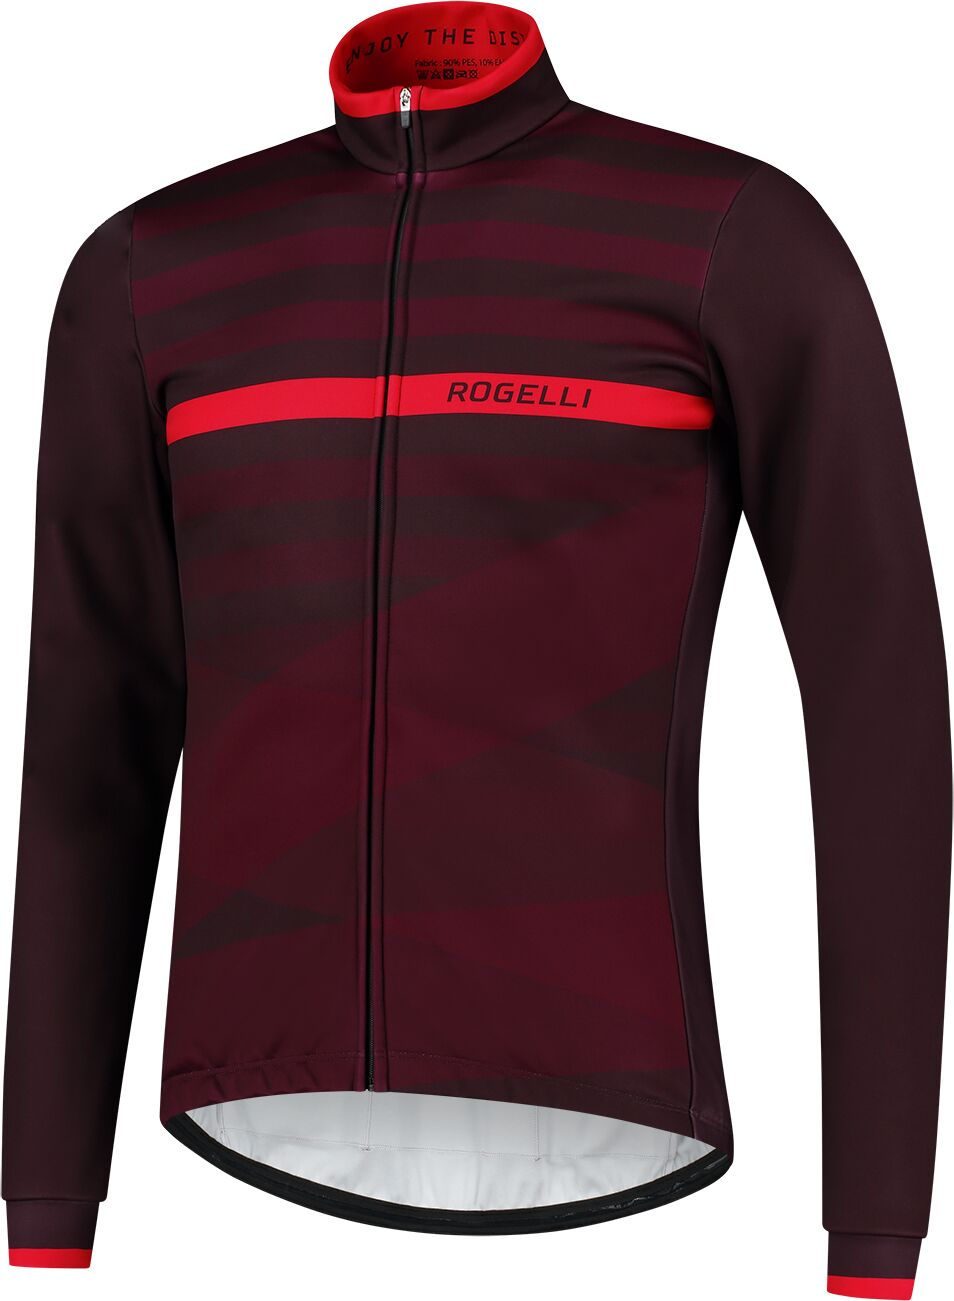 ROGELLI kurtka rowerowa zimowa STRIPE claret ROG351042 Rozmiar: 3XL,SROG351042.S